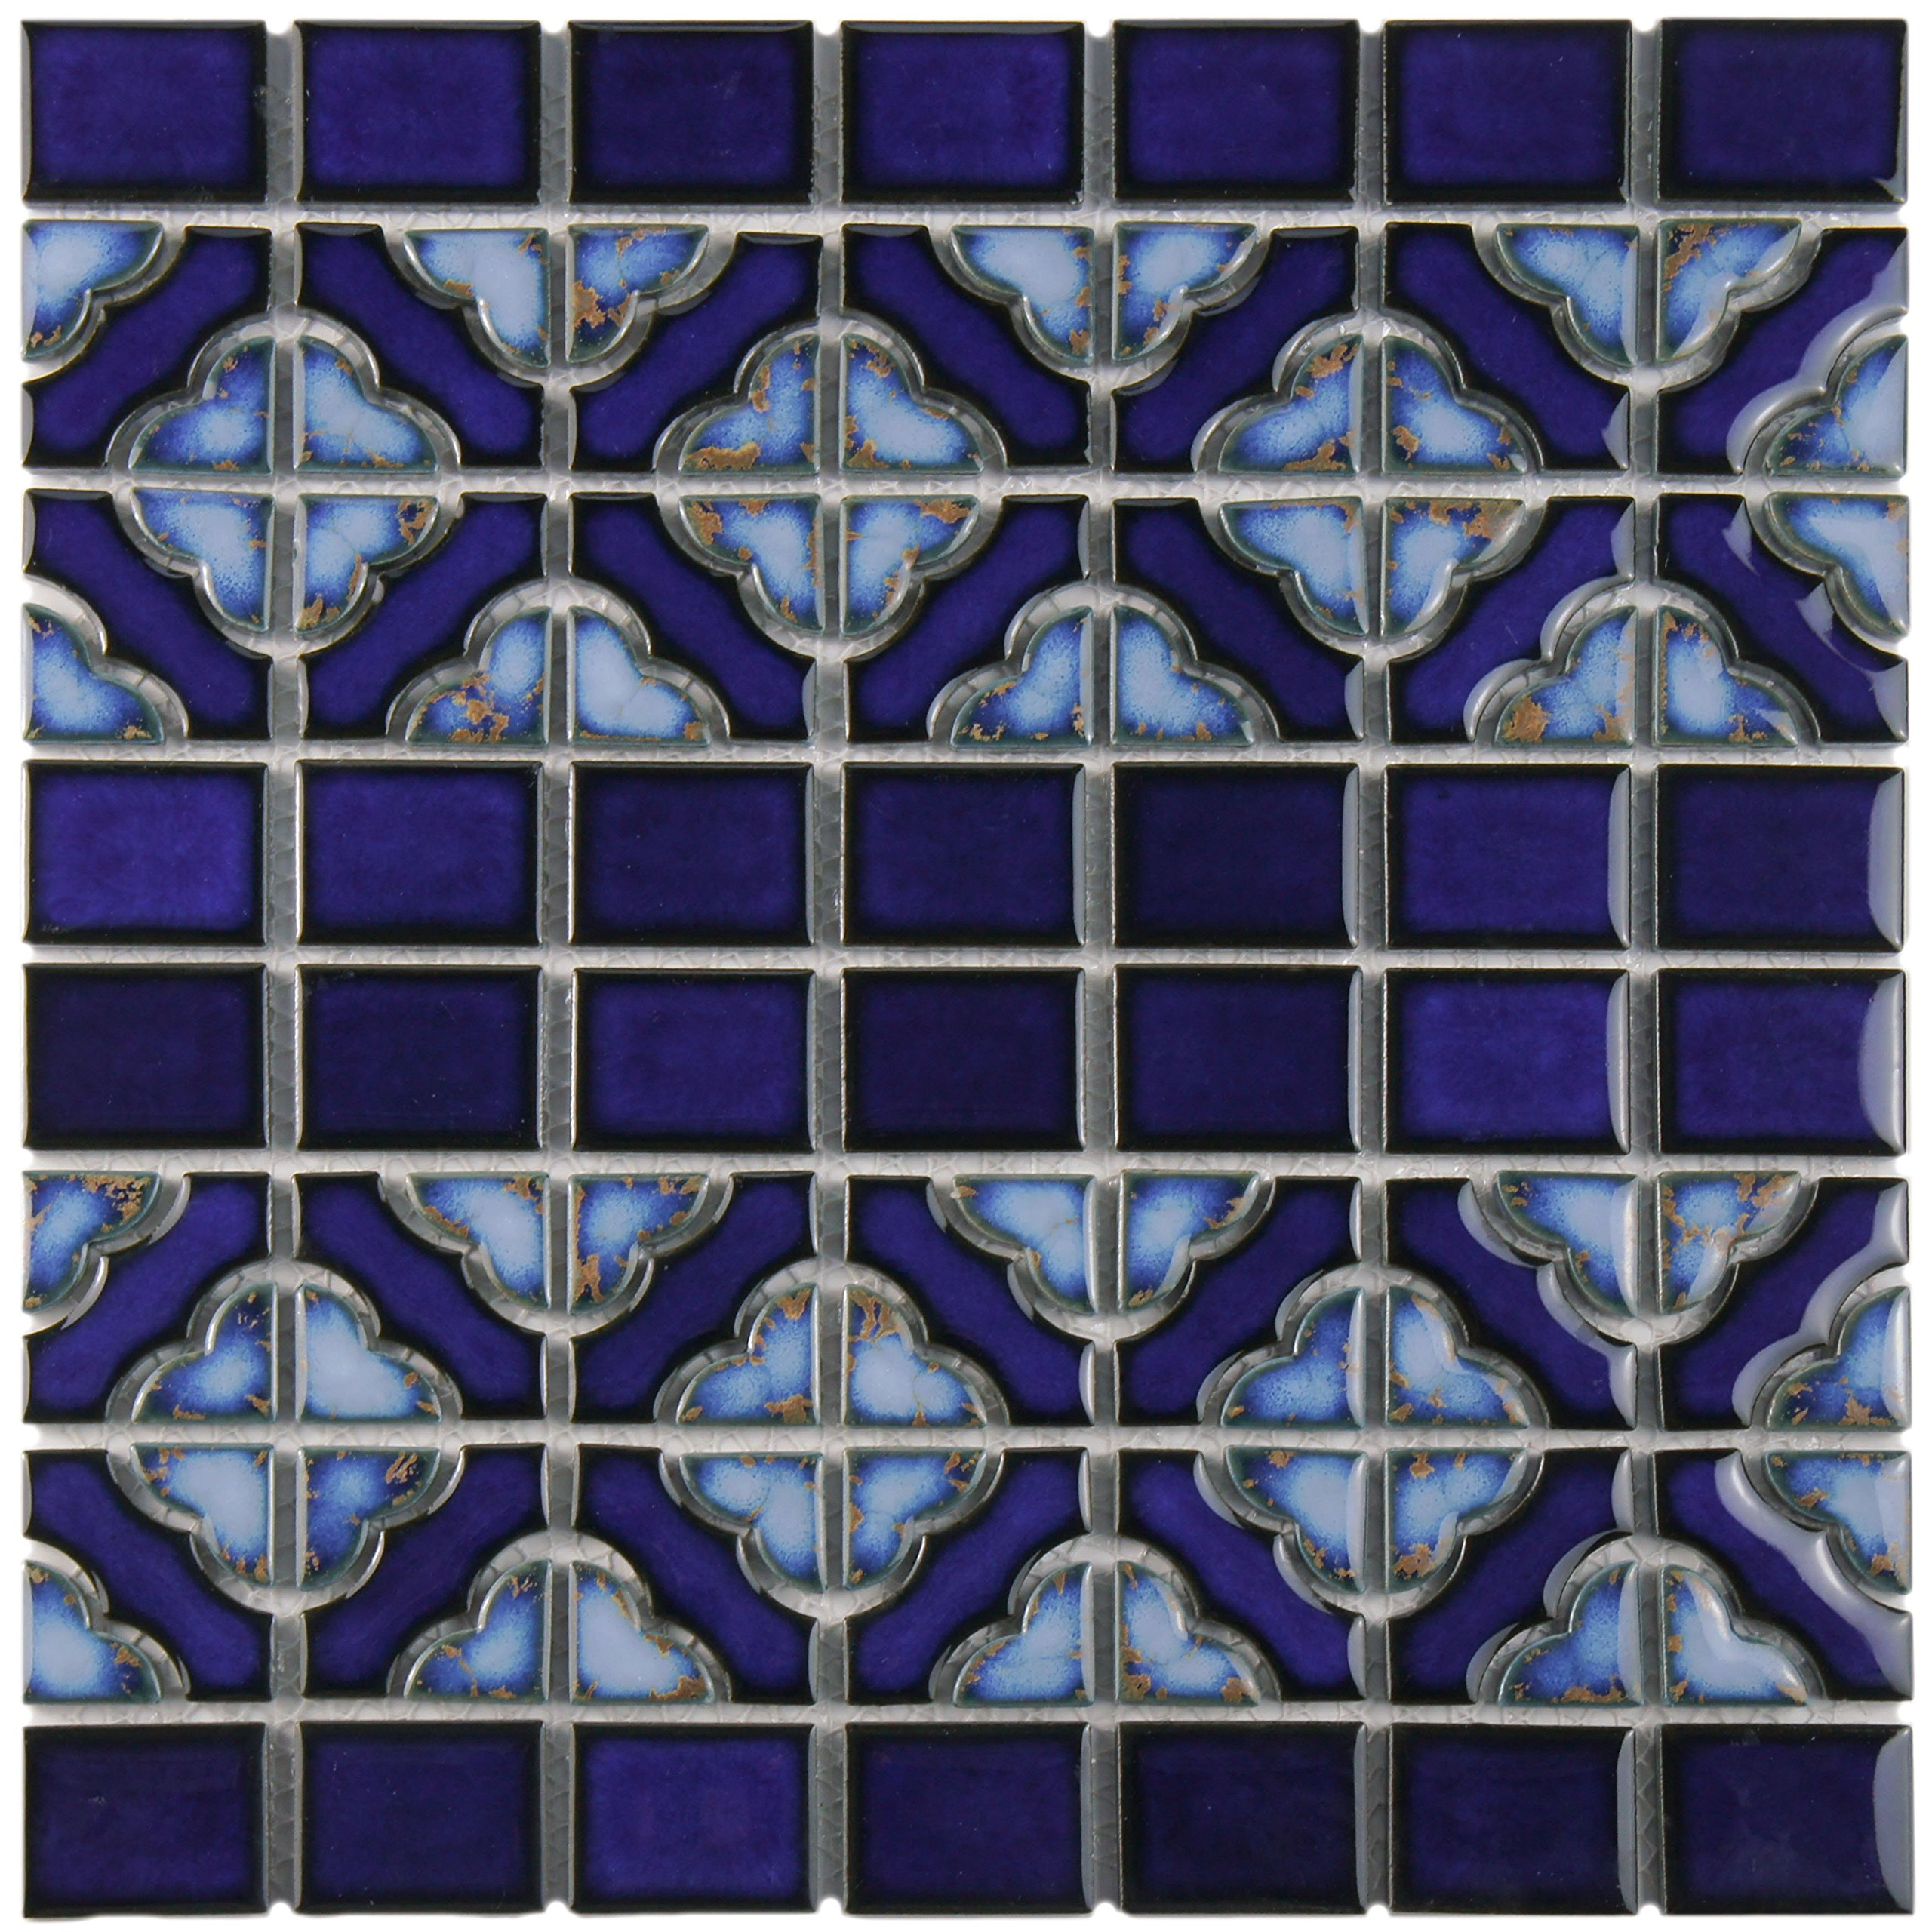 SomerTile FKOSQD24 Faro Delta Porcelain Floor and Wall Tile, 12'' x 12.5'', Cobalt Blue